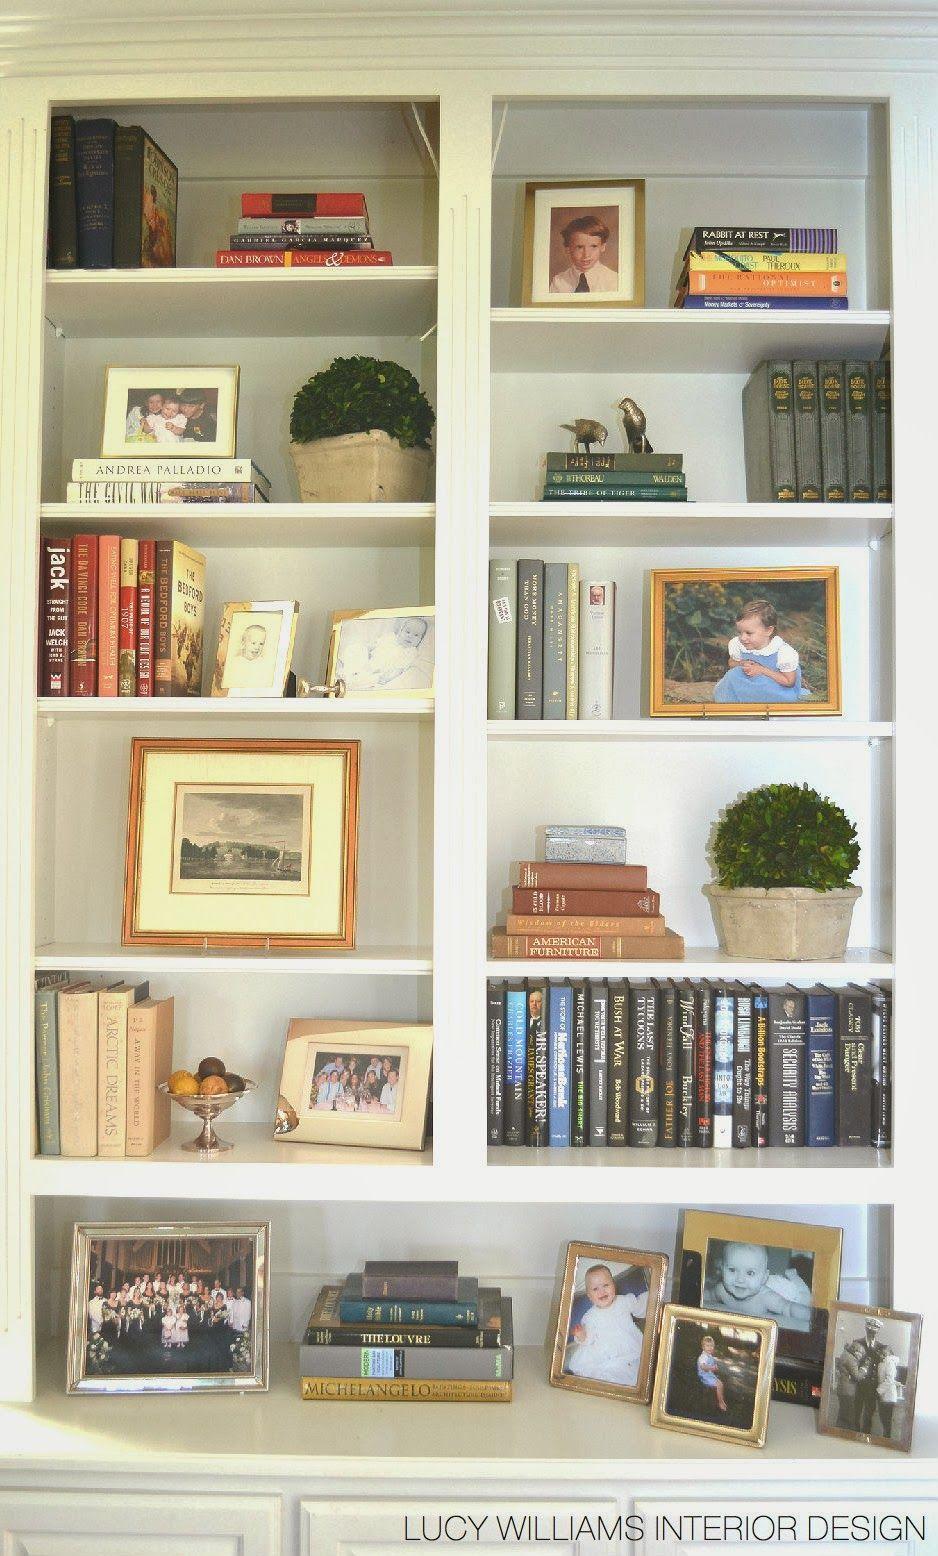 Styled Family Room Bookshelves Decorating Bookshelves Family Room Design Living Room Shelves